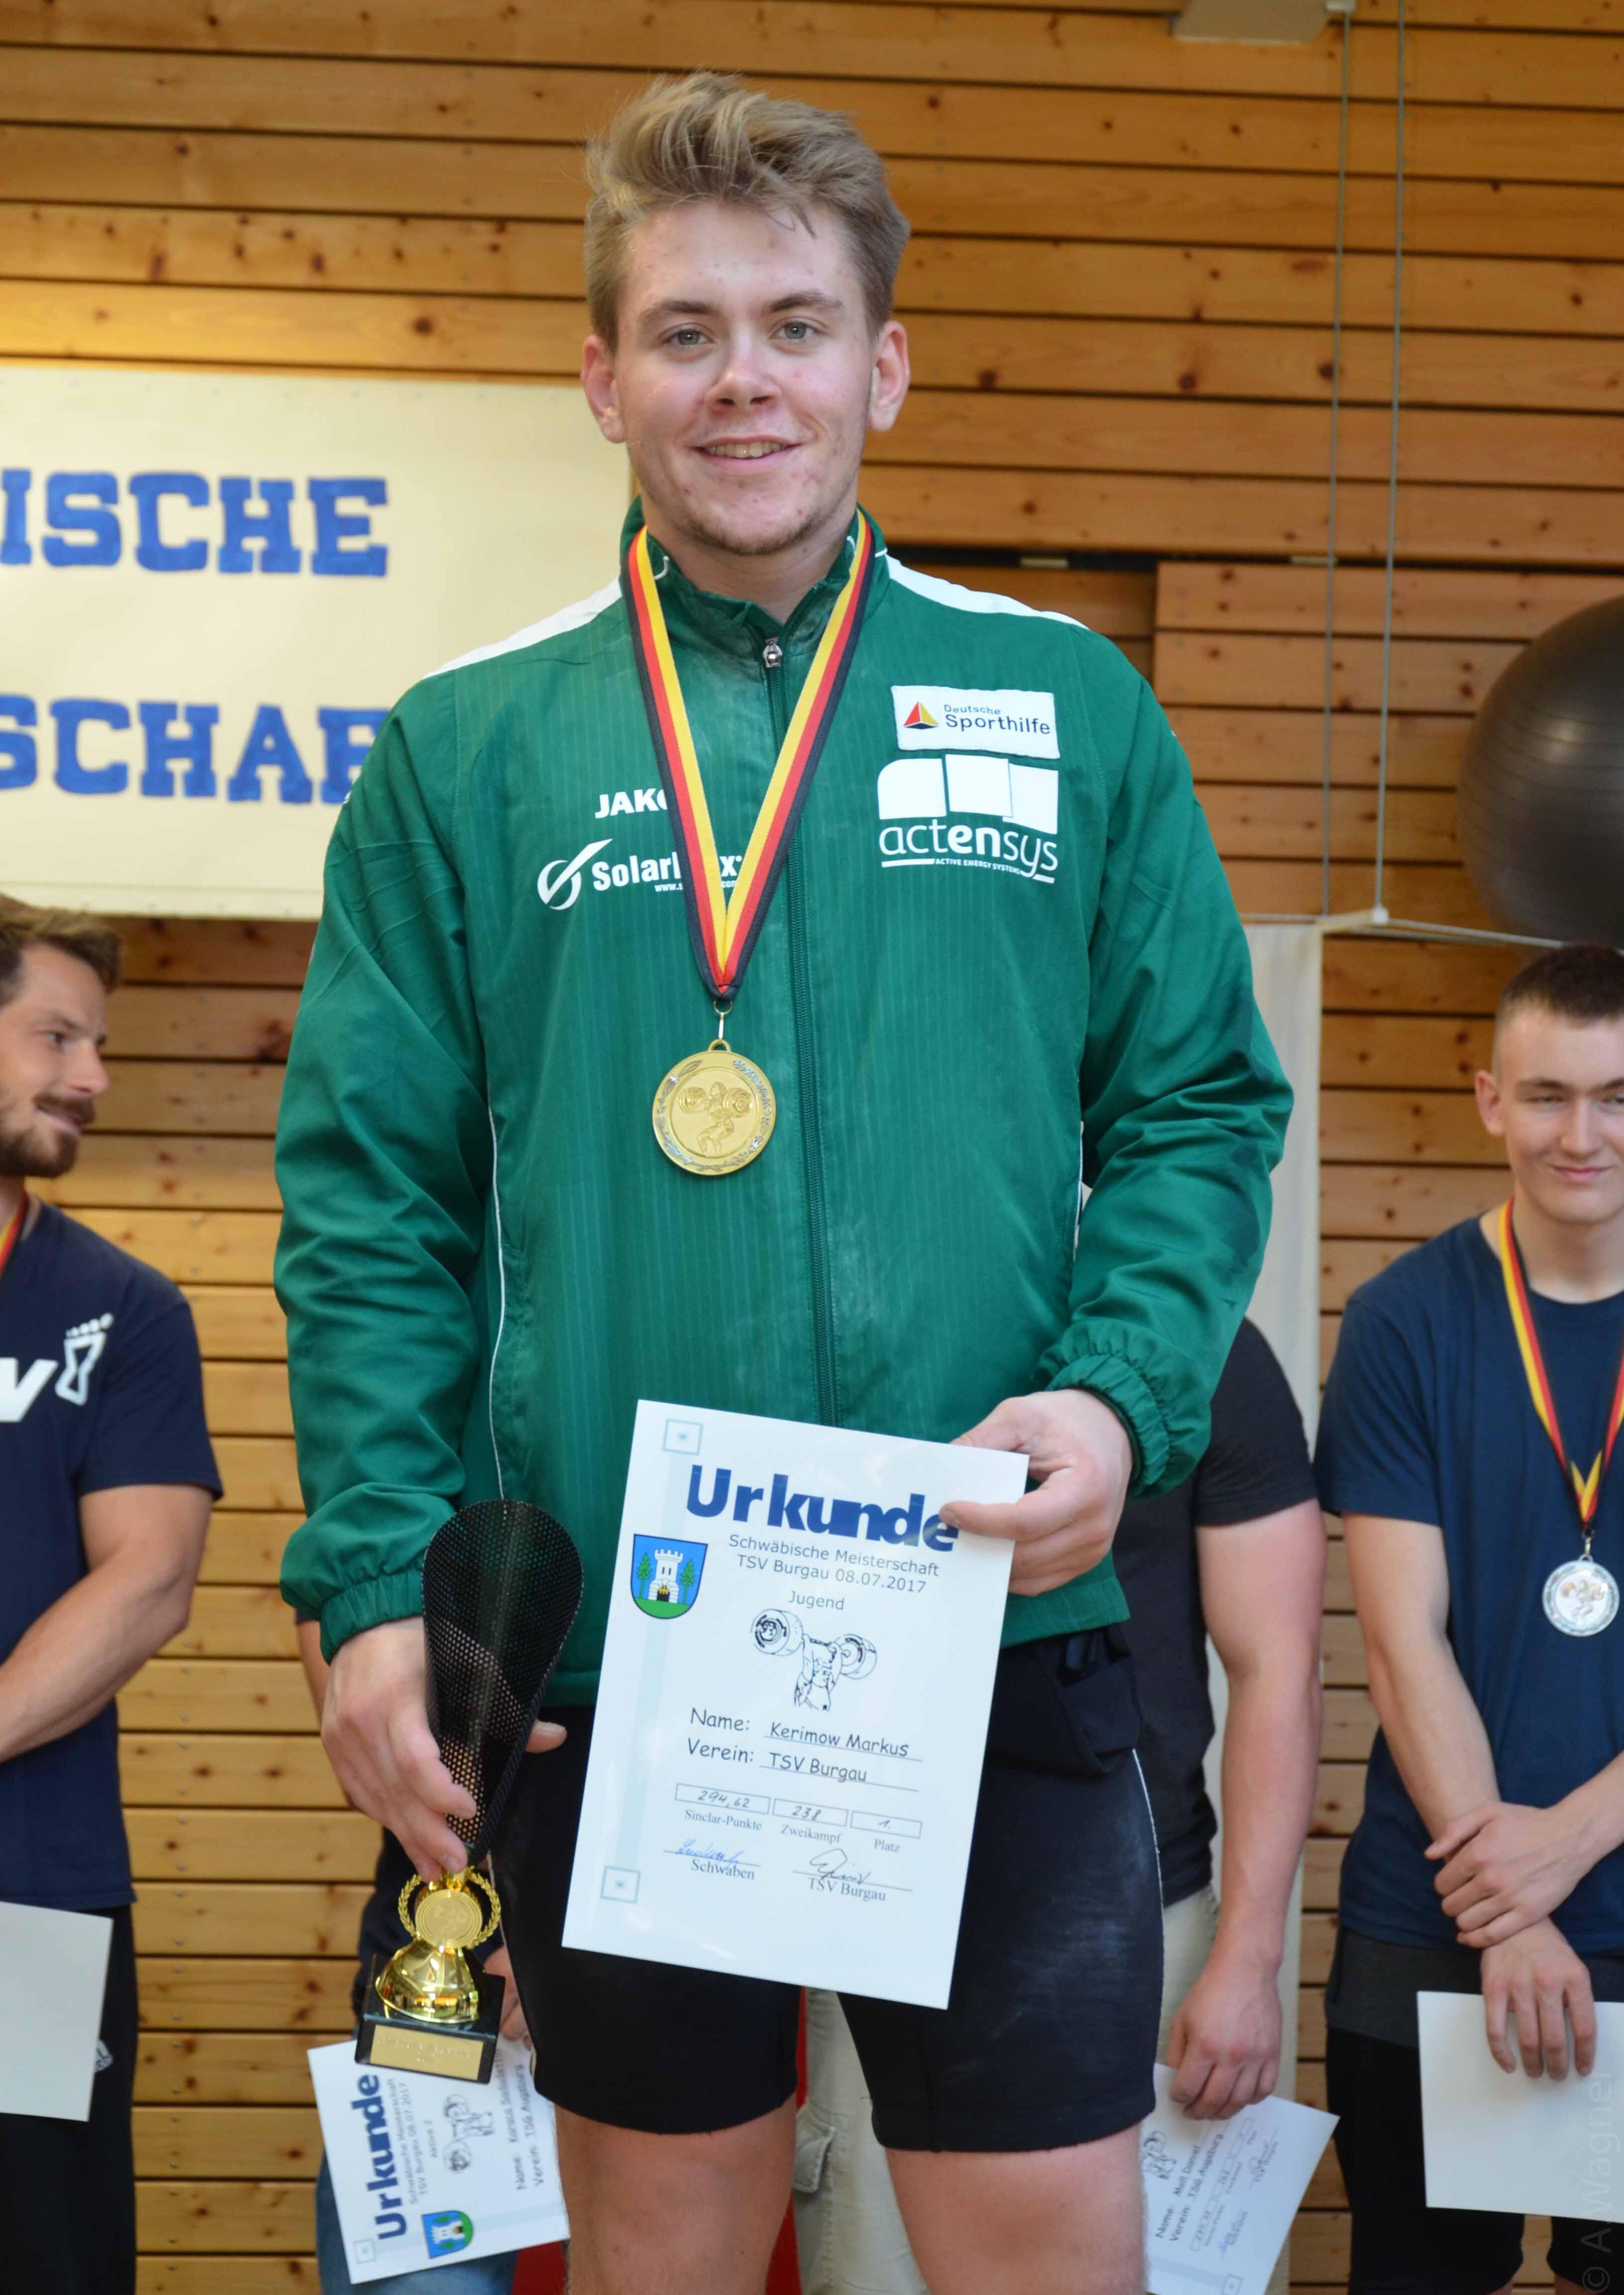 Schwäbische_Meisterschaft_2017__(48_von_55)